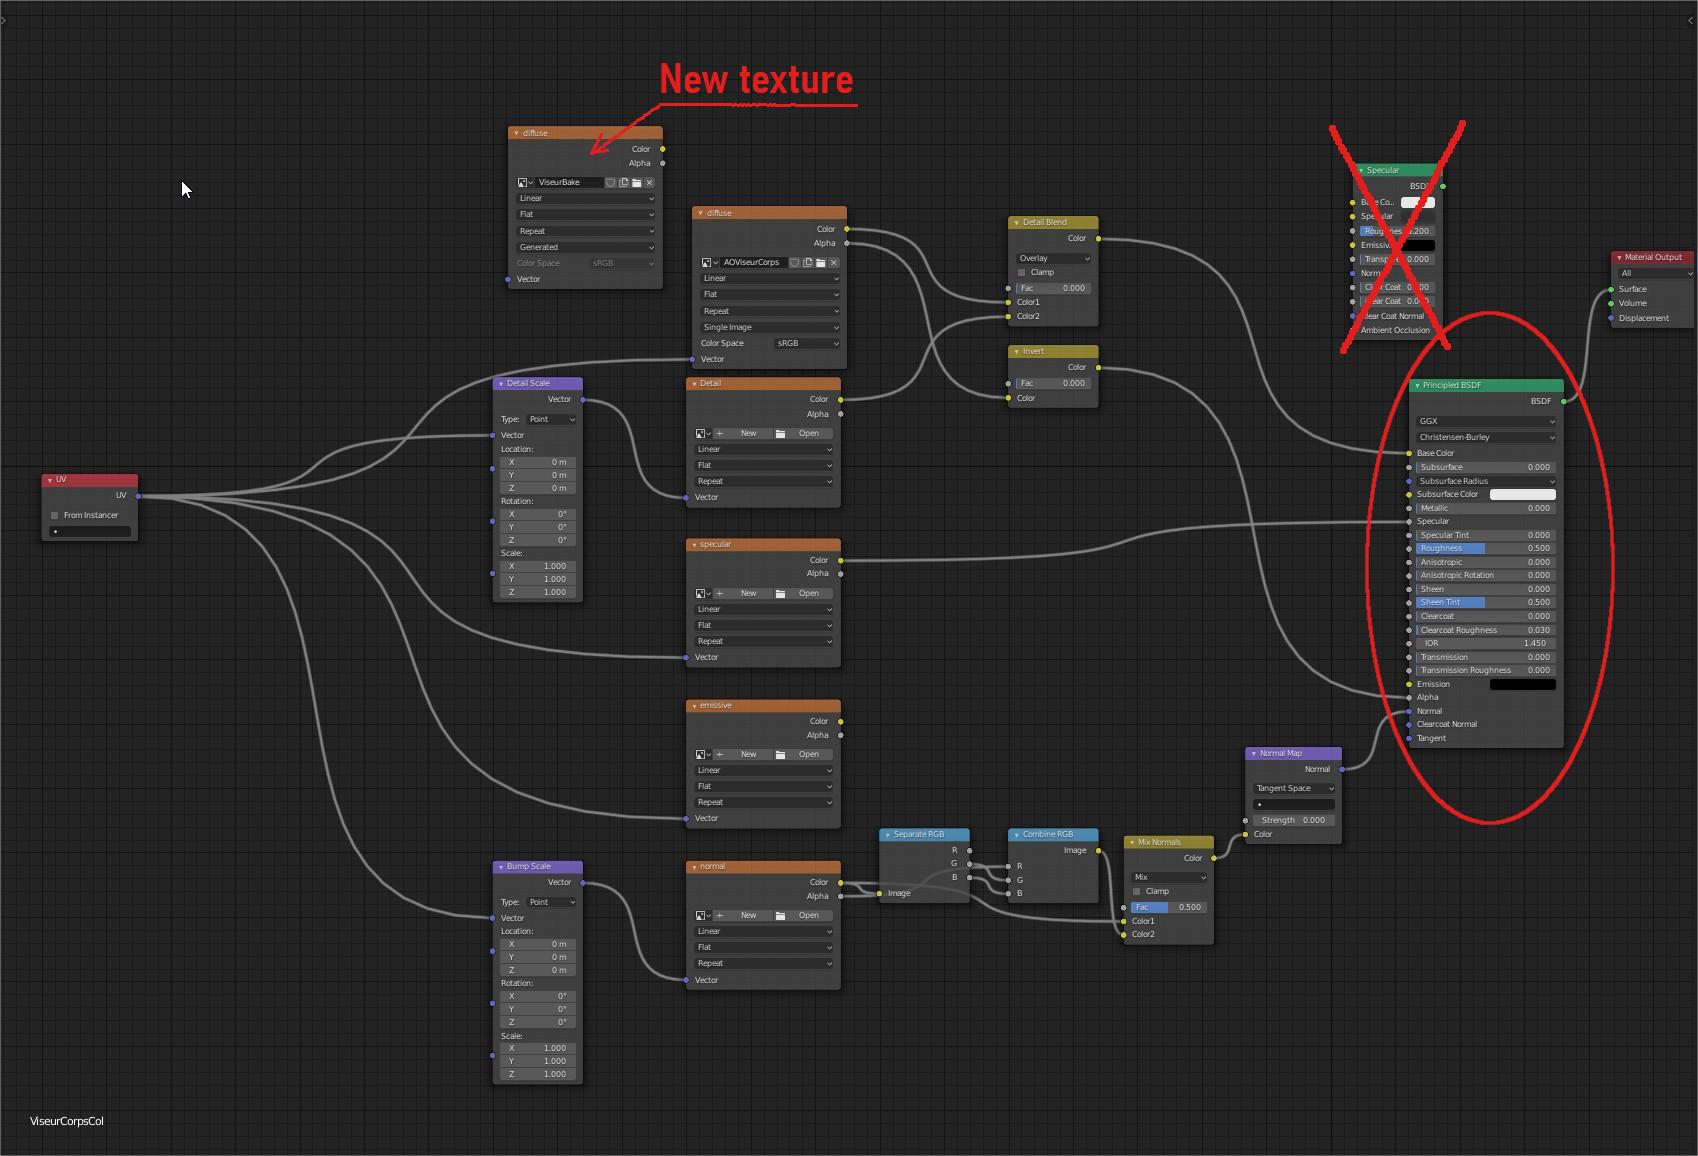 Blender [ESimulationProjet de modelisationProjet Venom DH-112Blend ProjectVenom DH-112 VC- 004...jpg